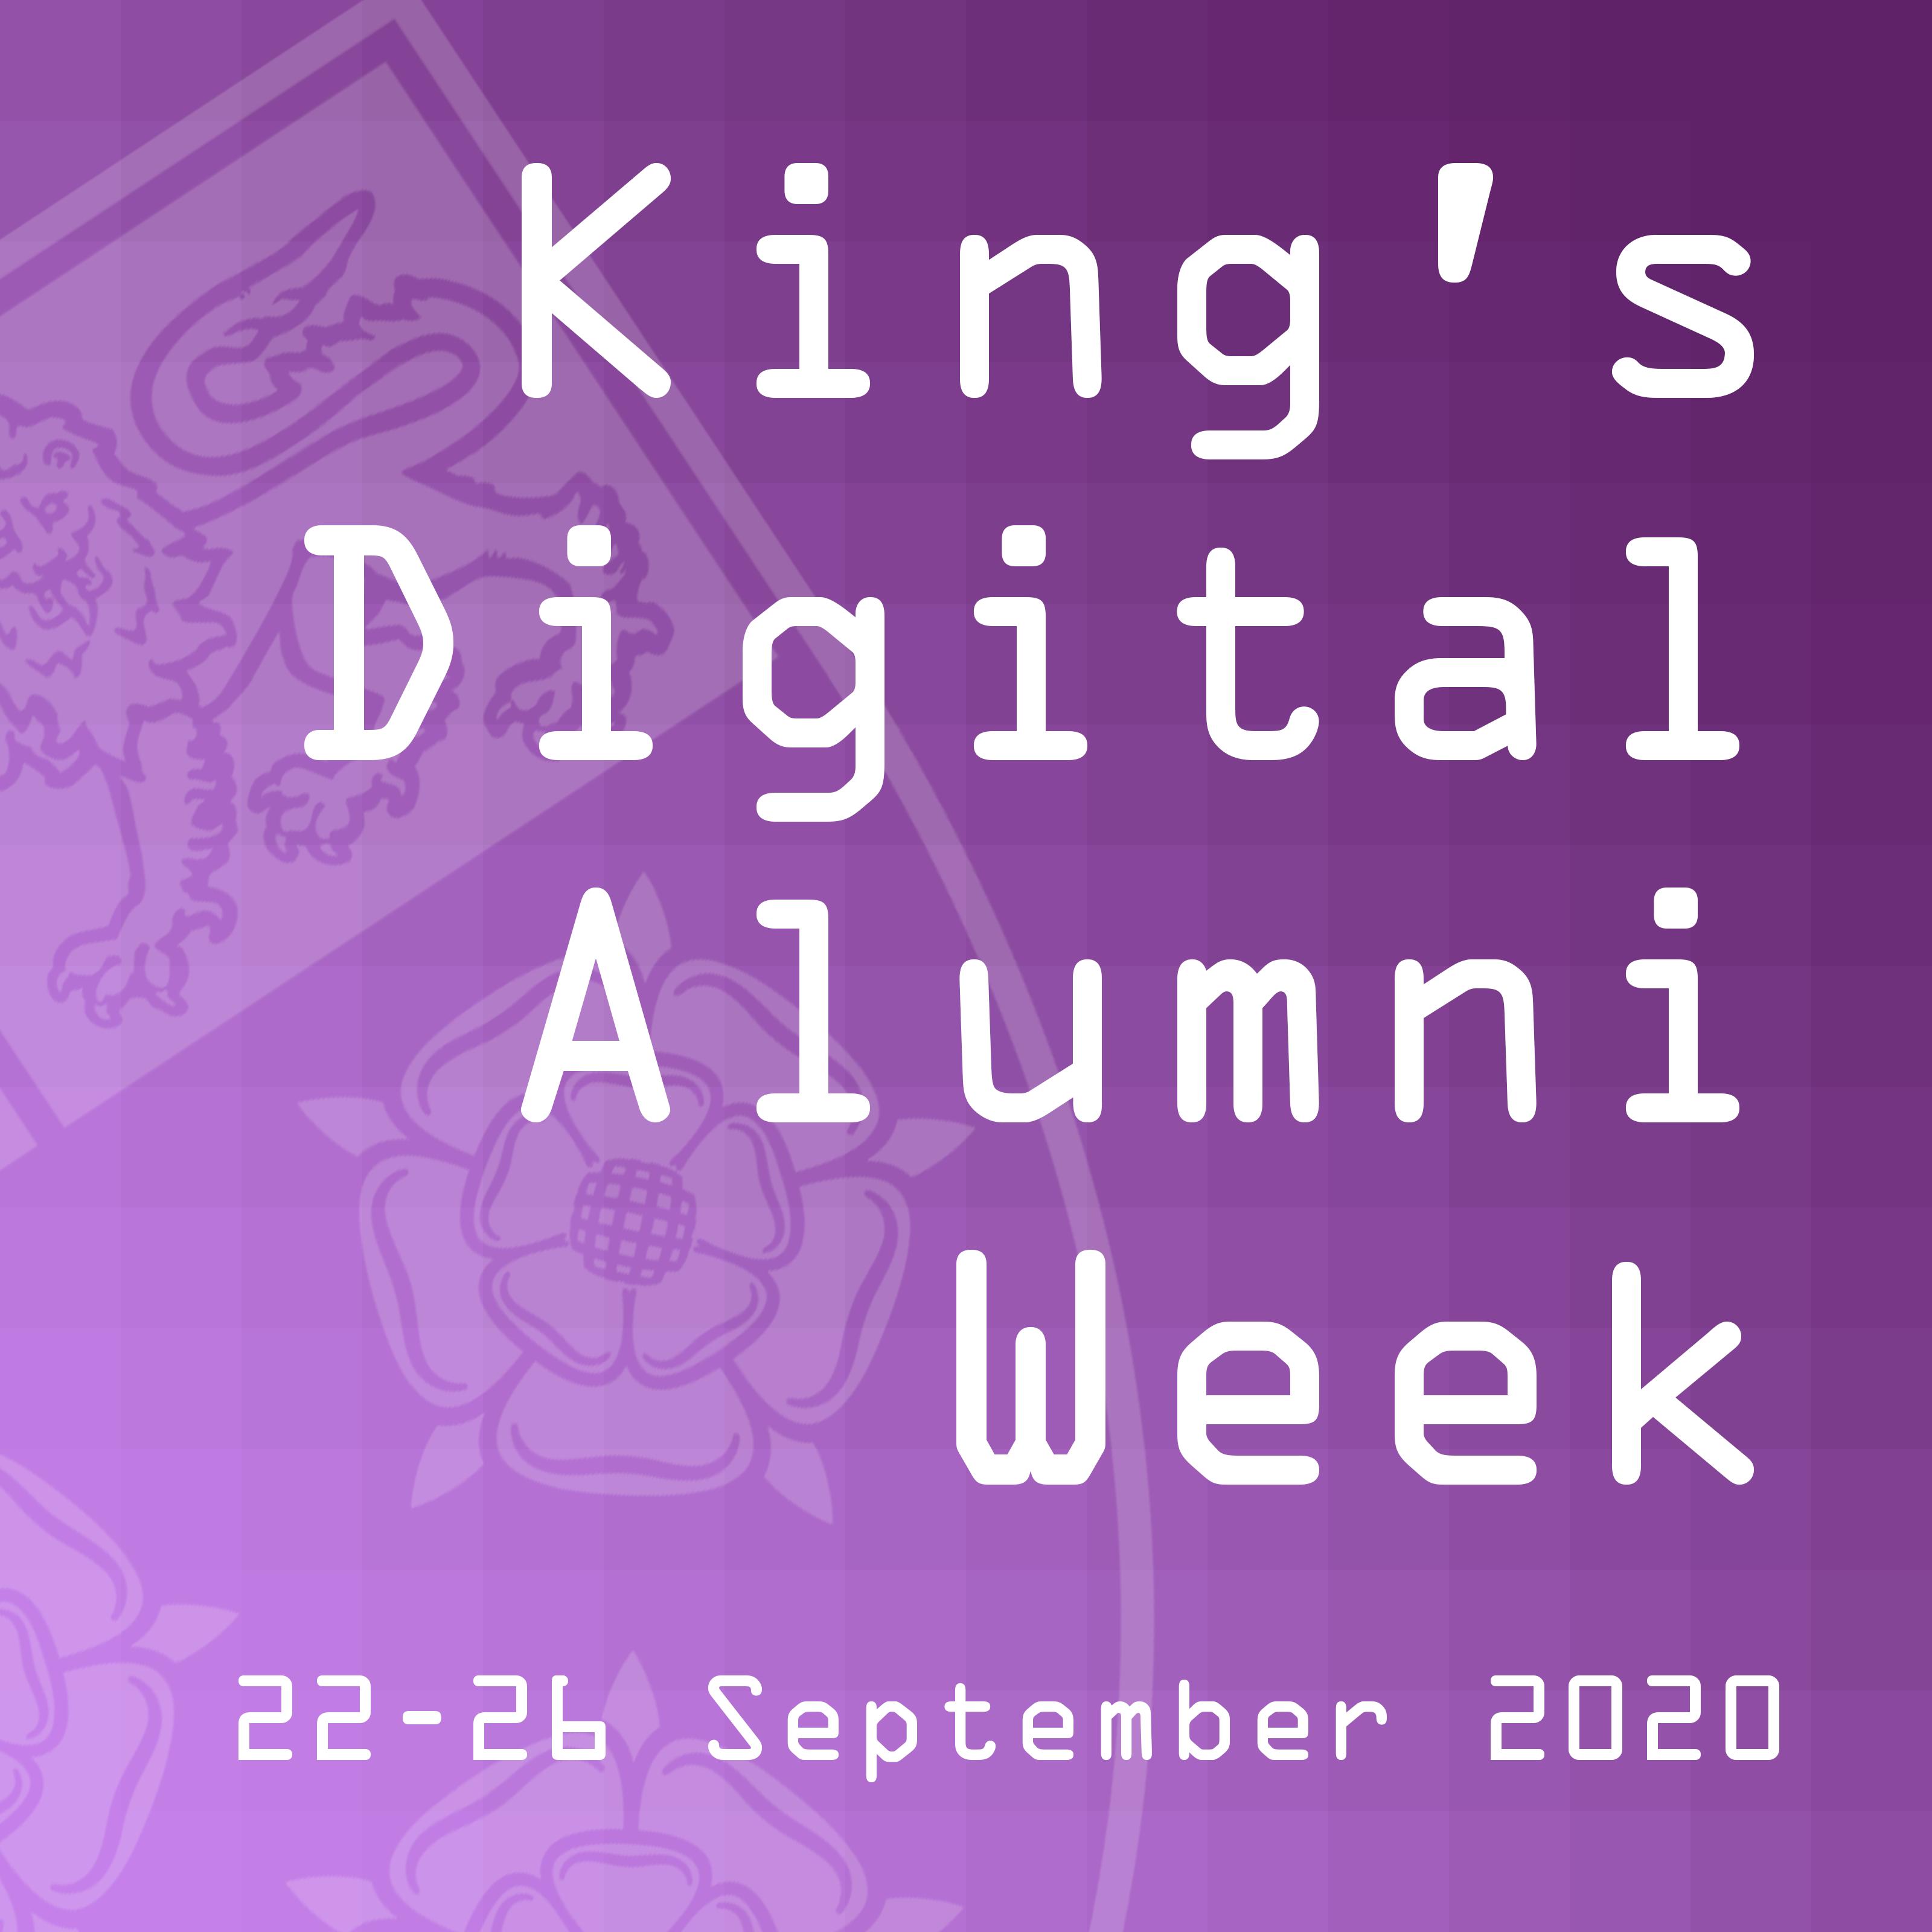 Digital Alumni Week